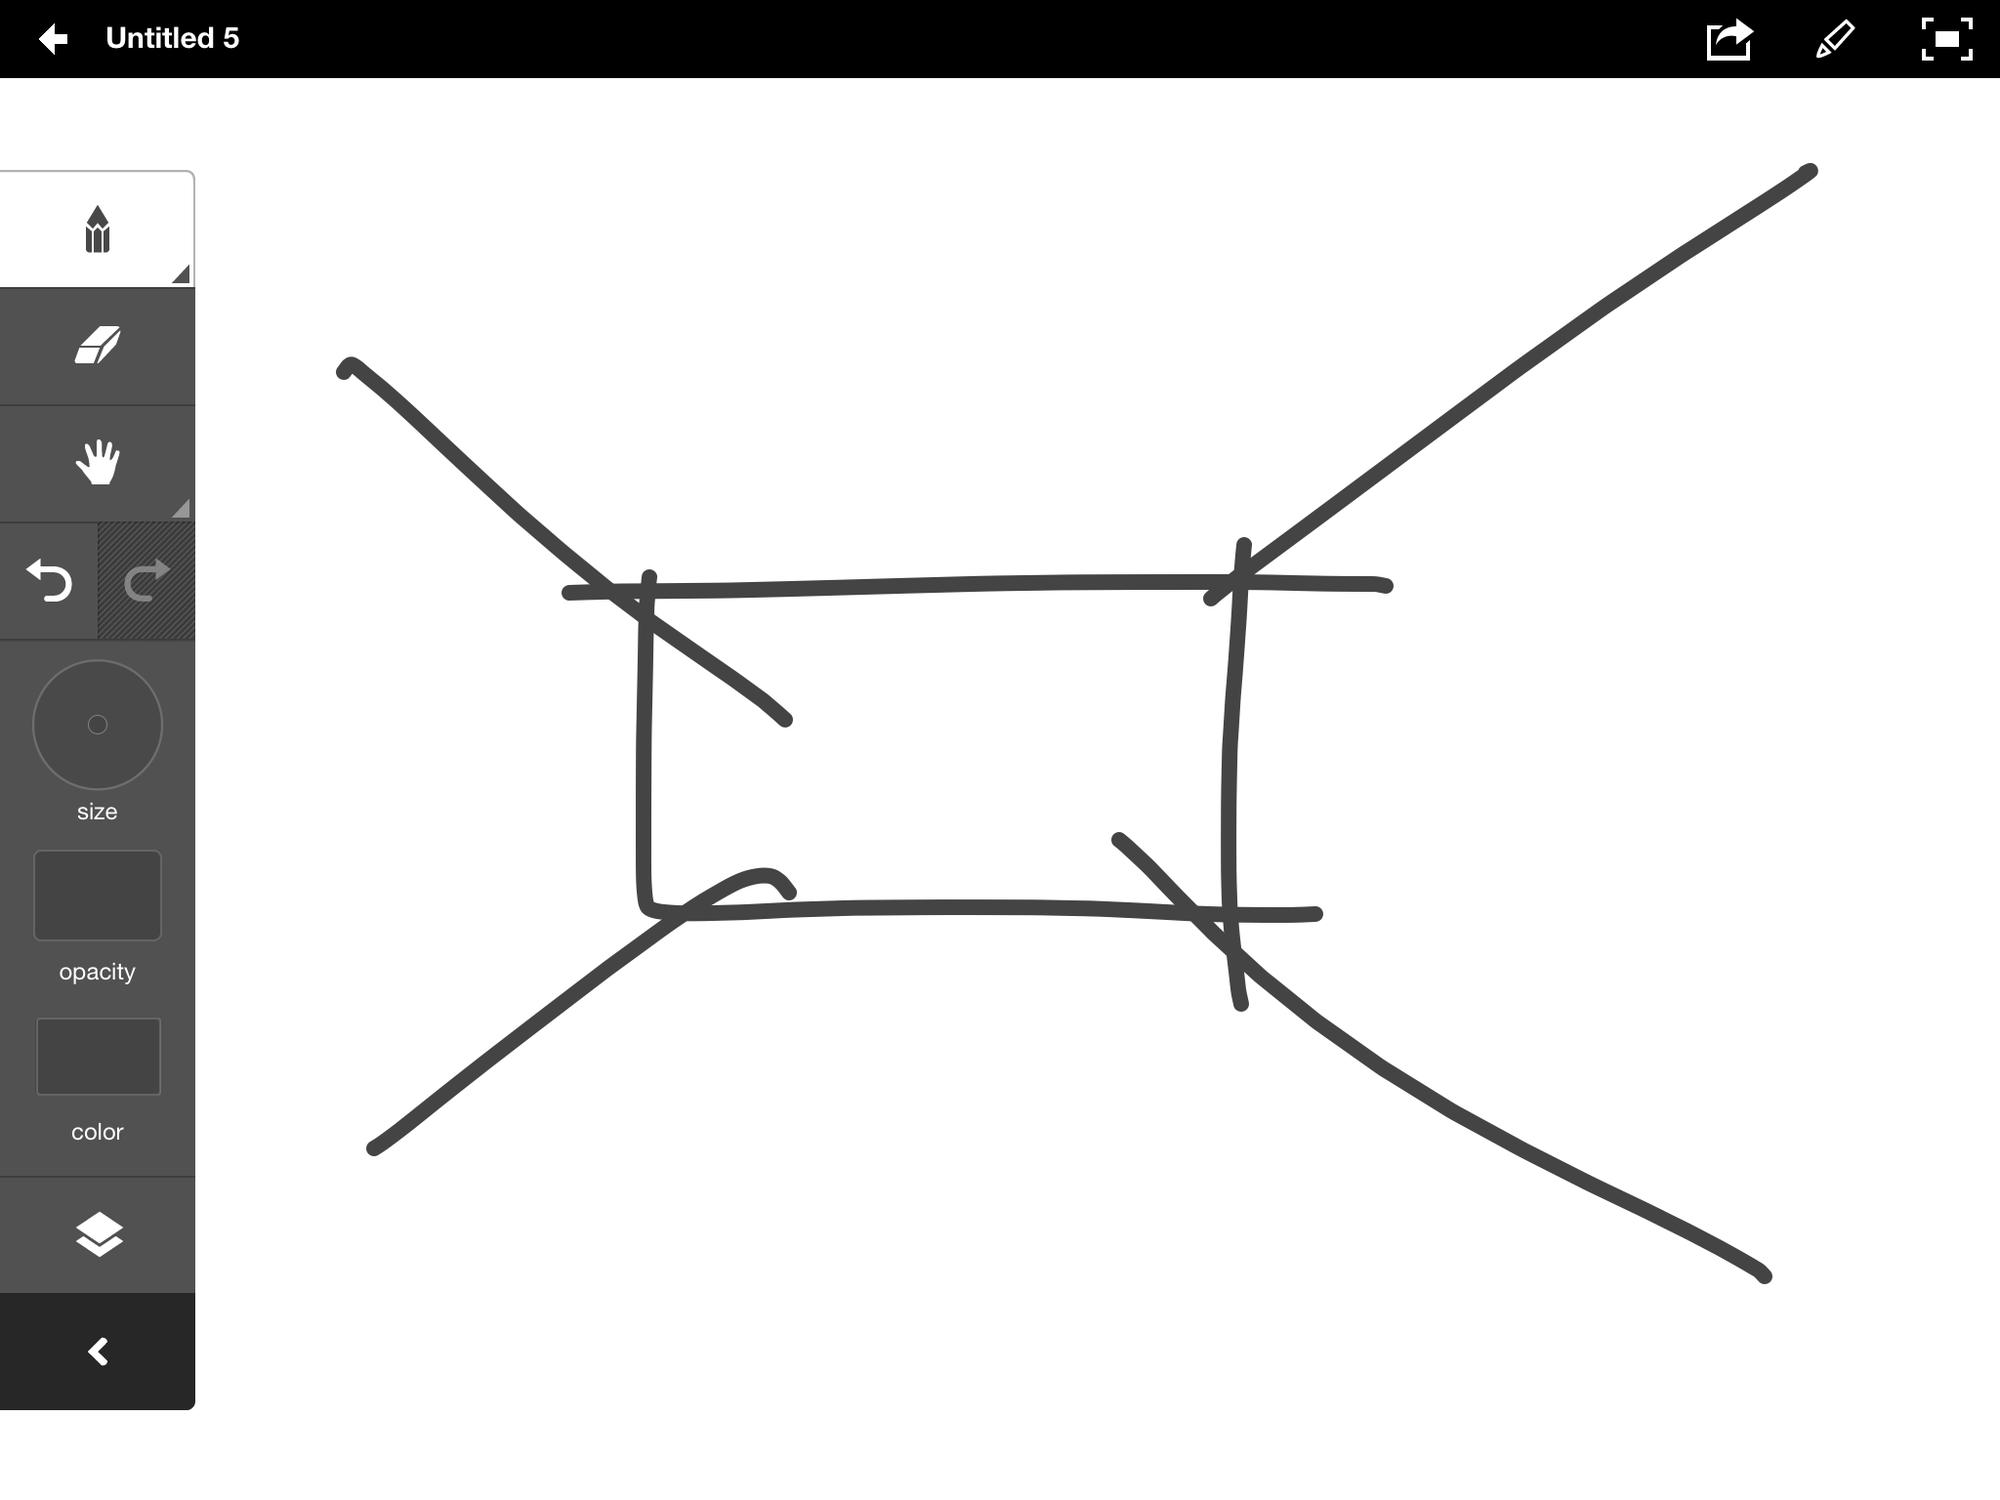 Vector based sketching